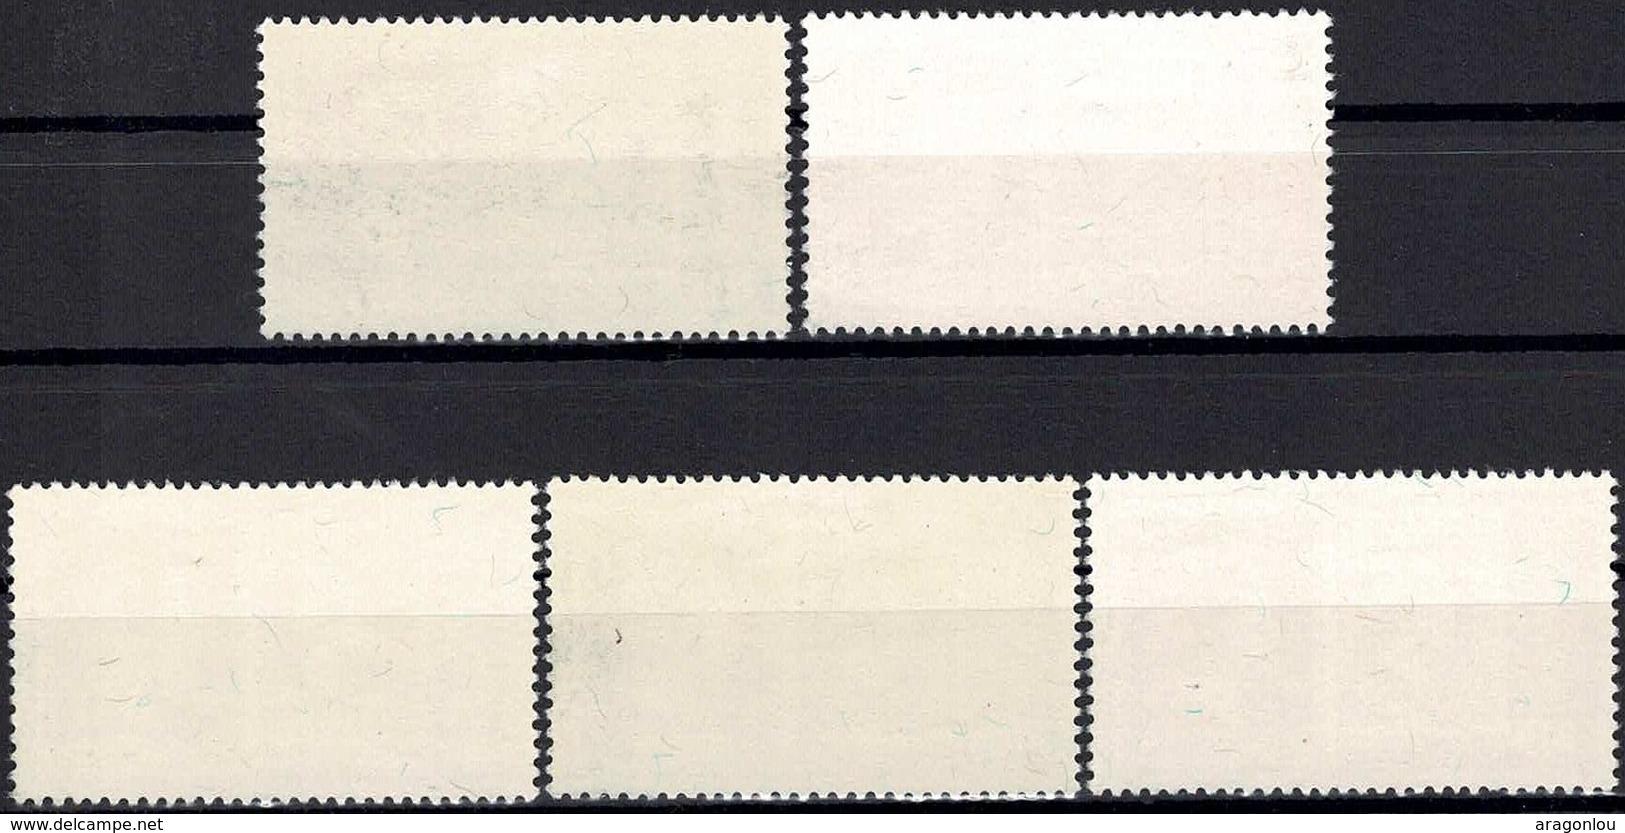 1952 Série Centenaire Des Timbres Poste, Neuf,  Michel 2019: 490-494, Valeur Catalogue: 100€  2Scans - Luxembourg